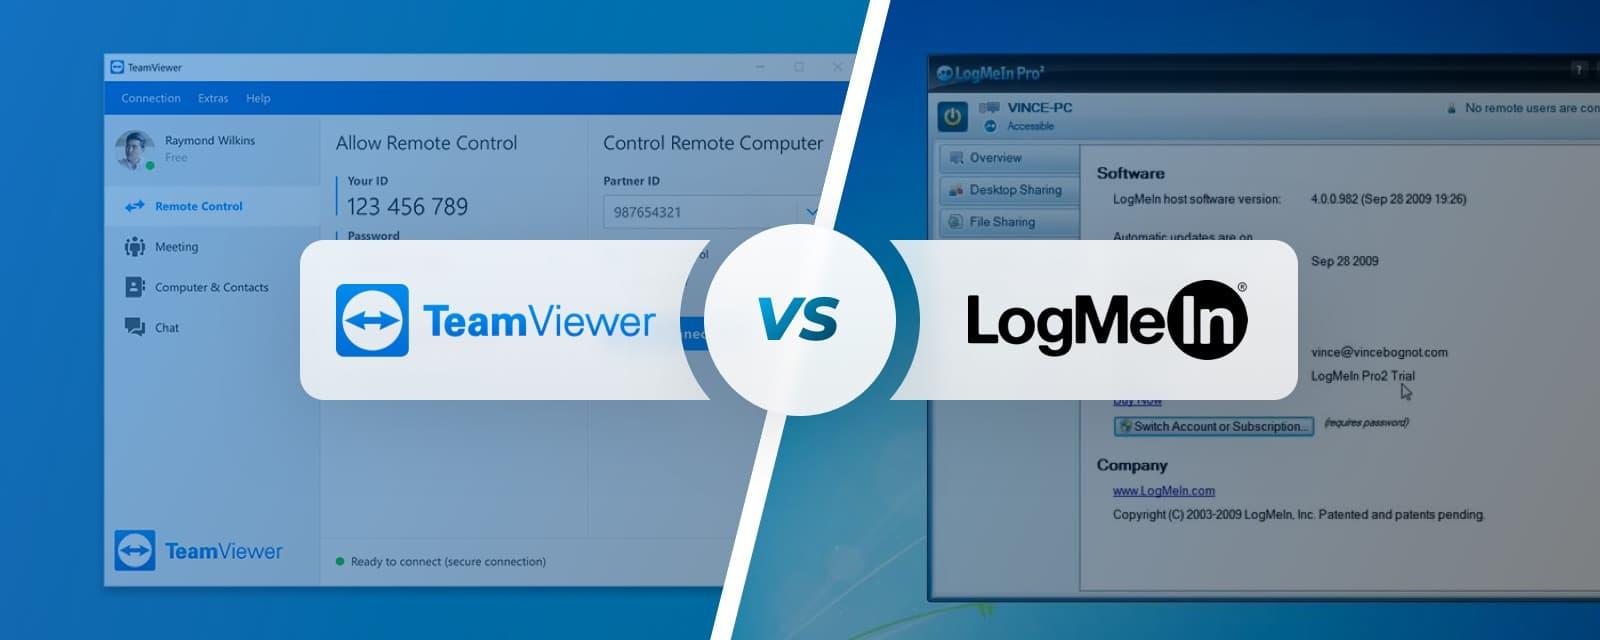 LogMeIn vs TeamViewer